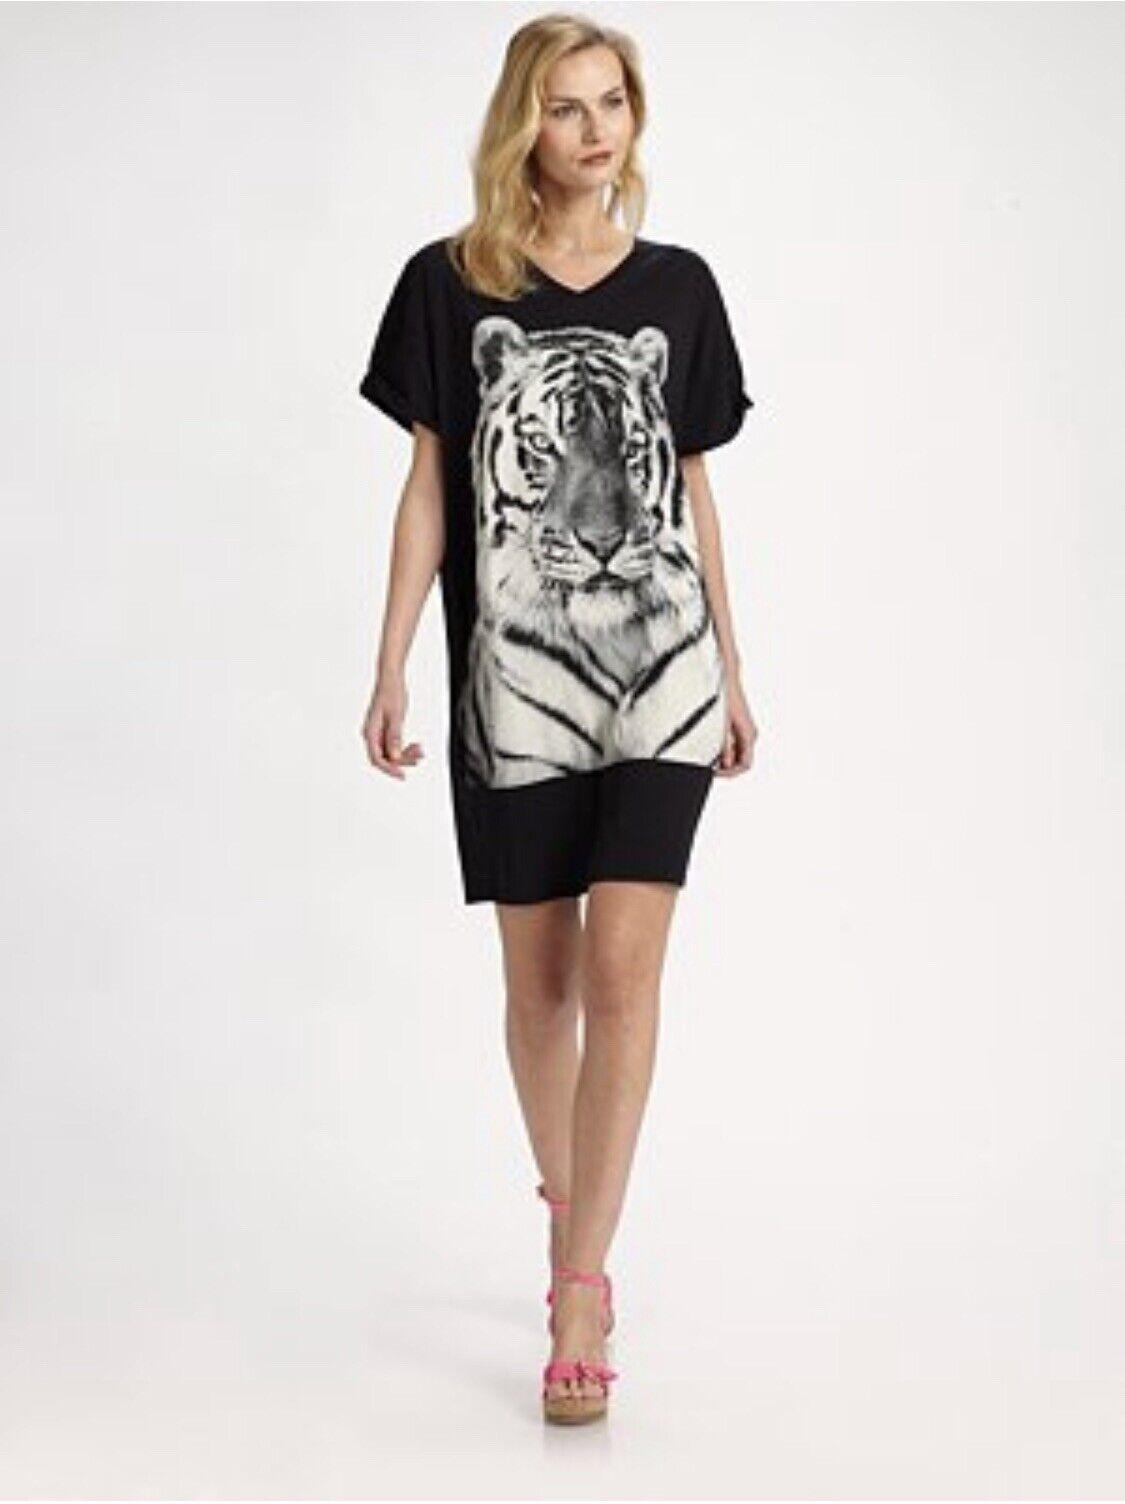 Stella McCochetney Tiger Print Túnica  súperior Vestido Talla 42 BNWT visto en Rihanna  apresurado a ver